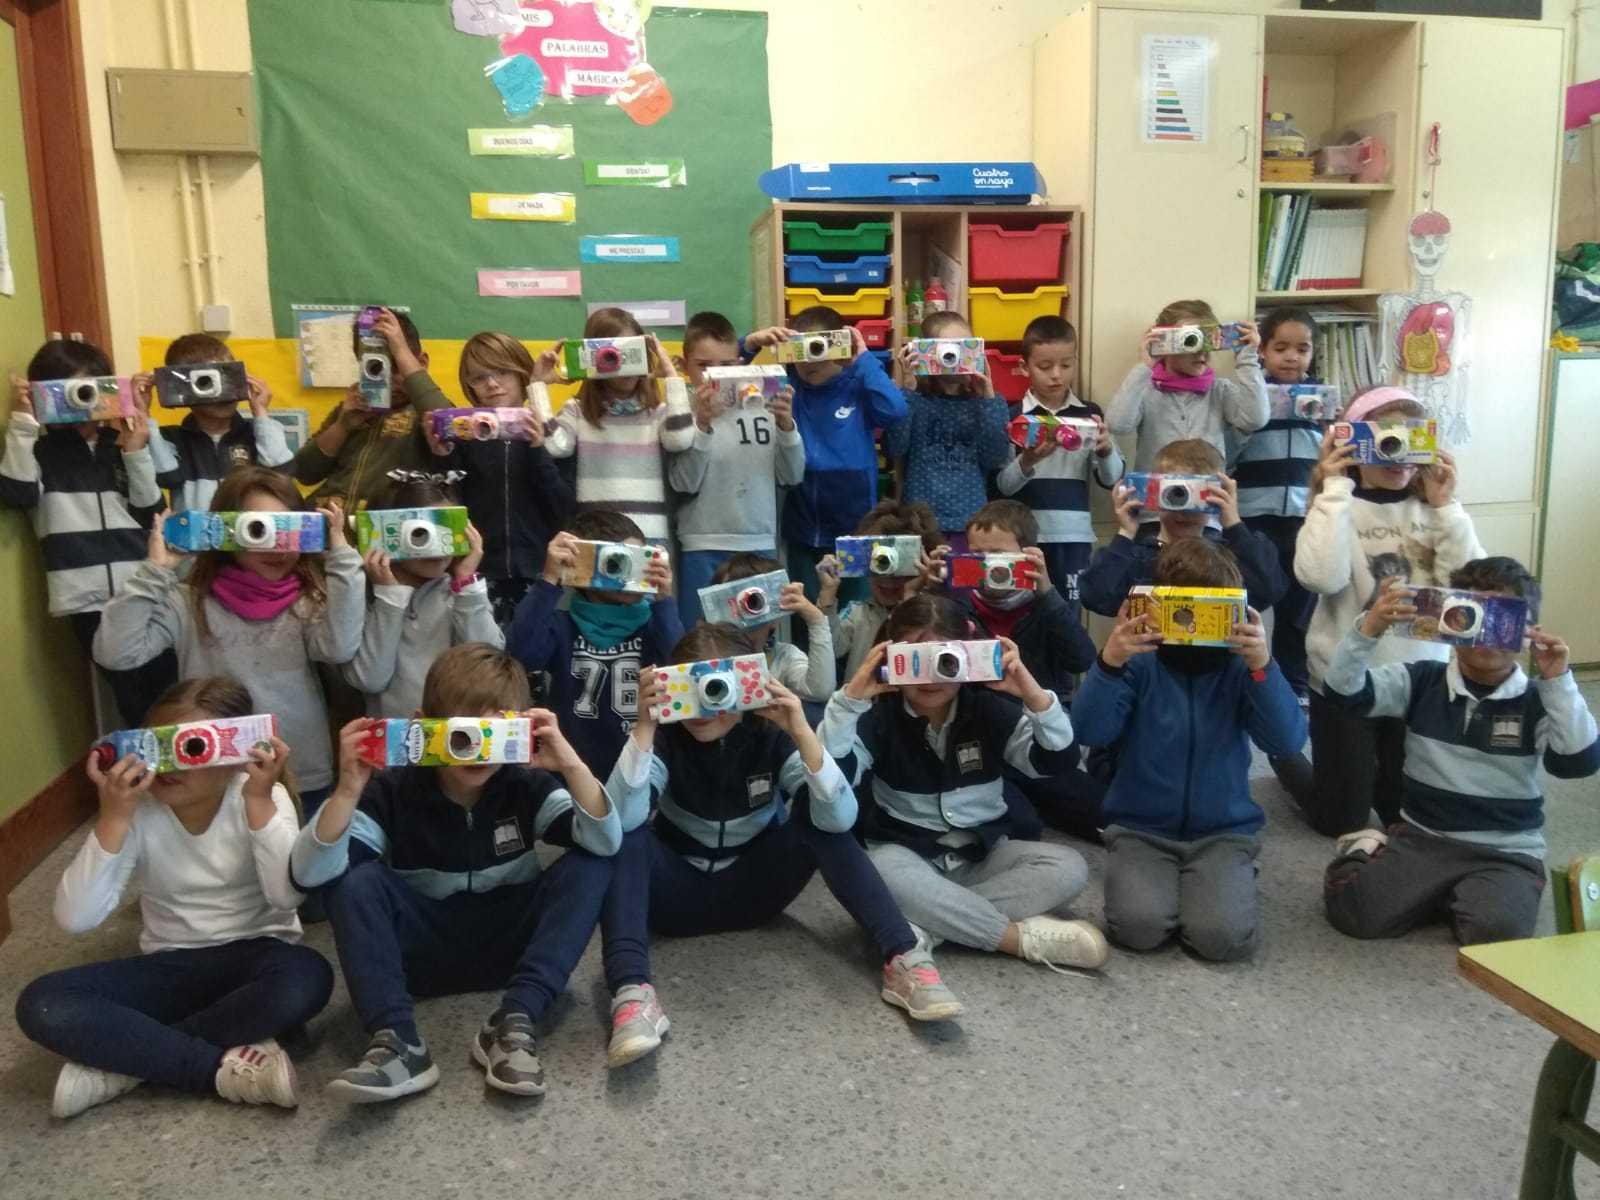 2019_01_Los alumnos de 1ºC construyen sus propios juguetes_CEIP FDLR_Las Rozas 5